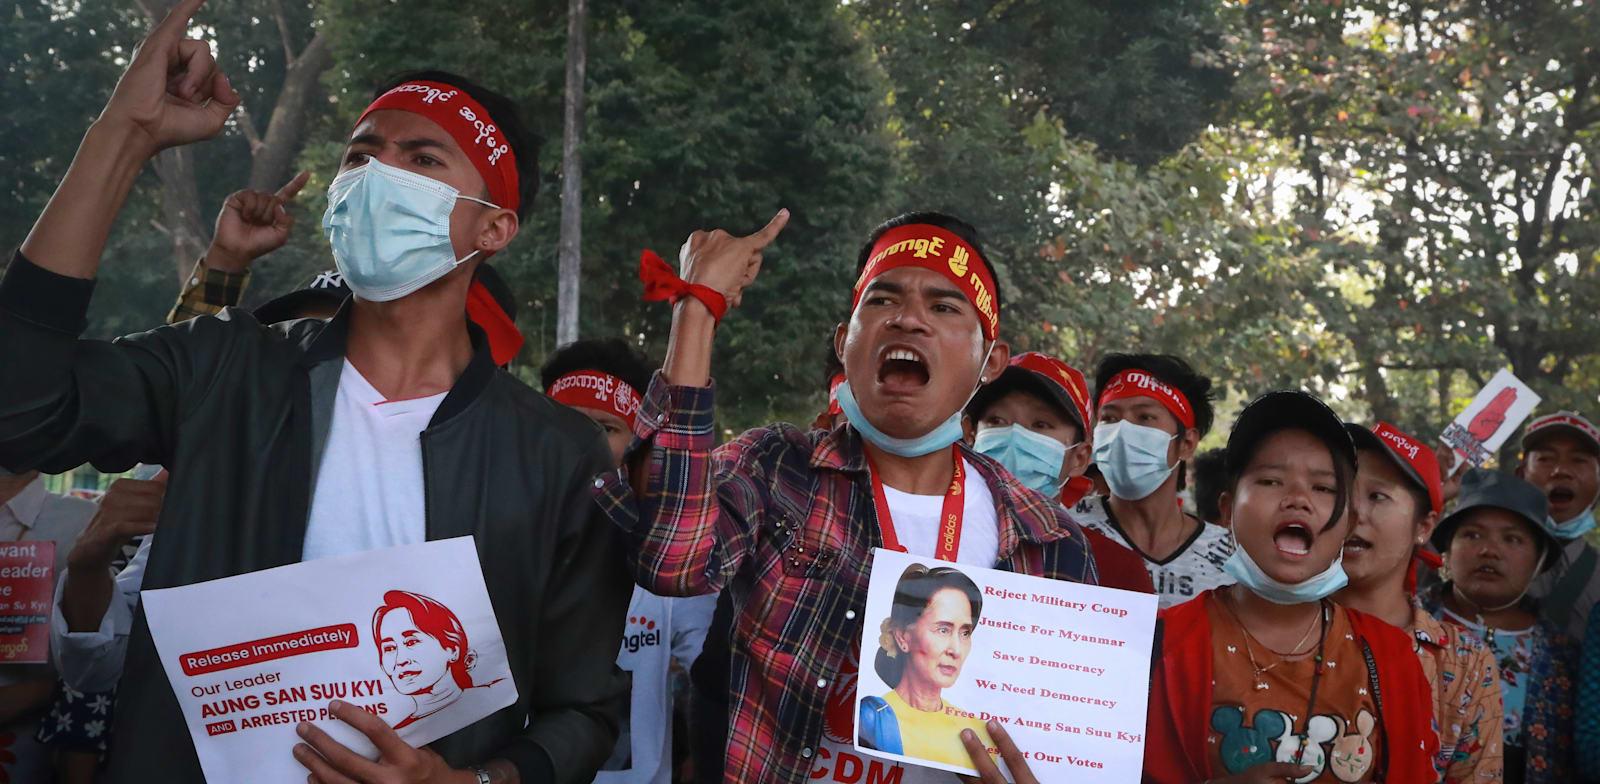 צעירים מפגינים אוחזים תמונה של ראש ממשלתם העצורה / צילום: Associated Press